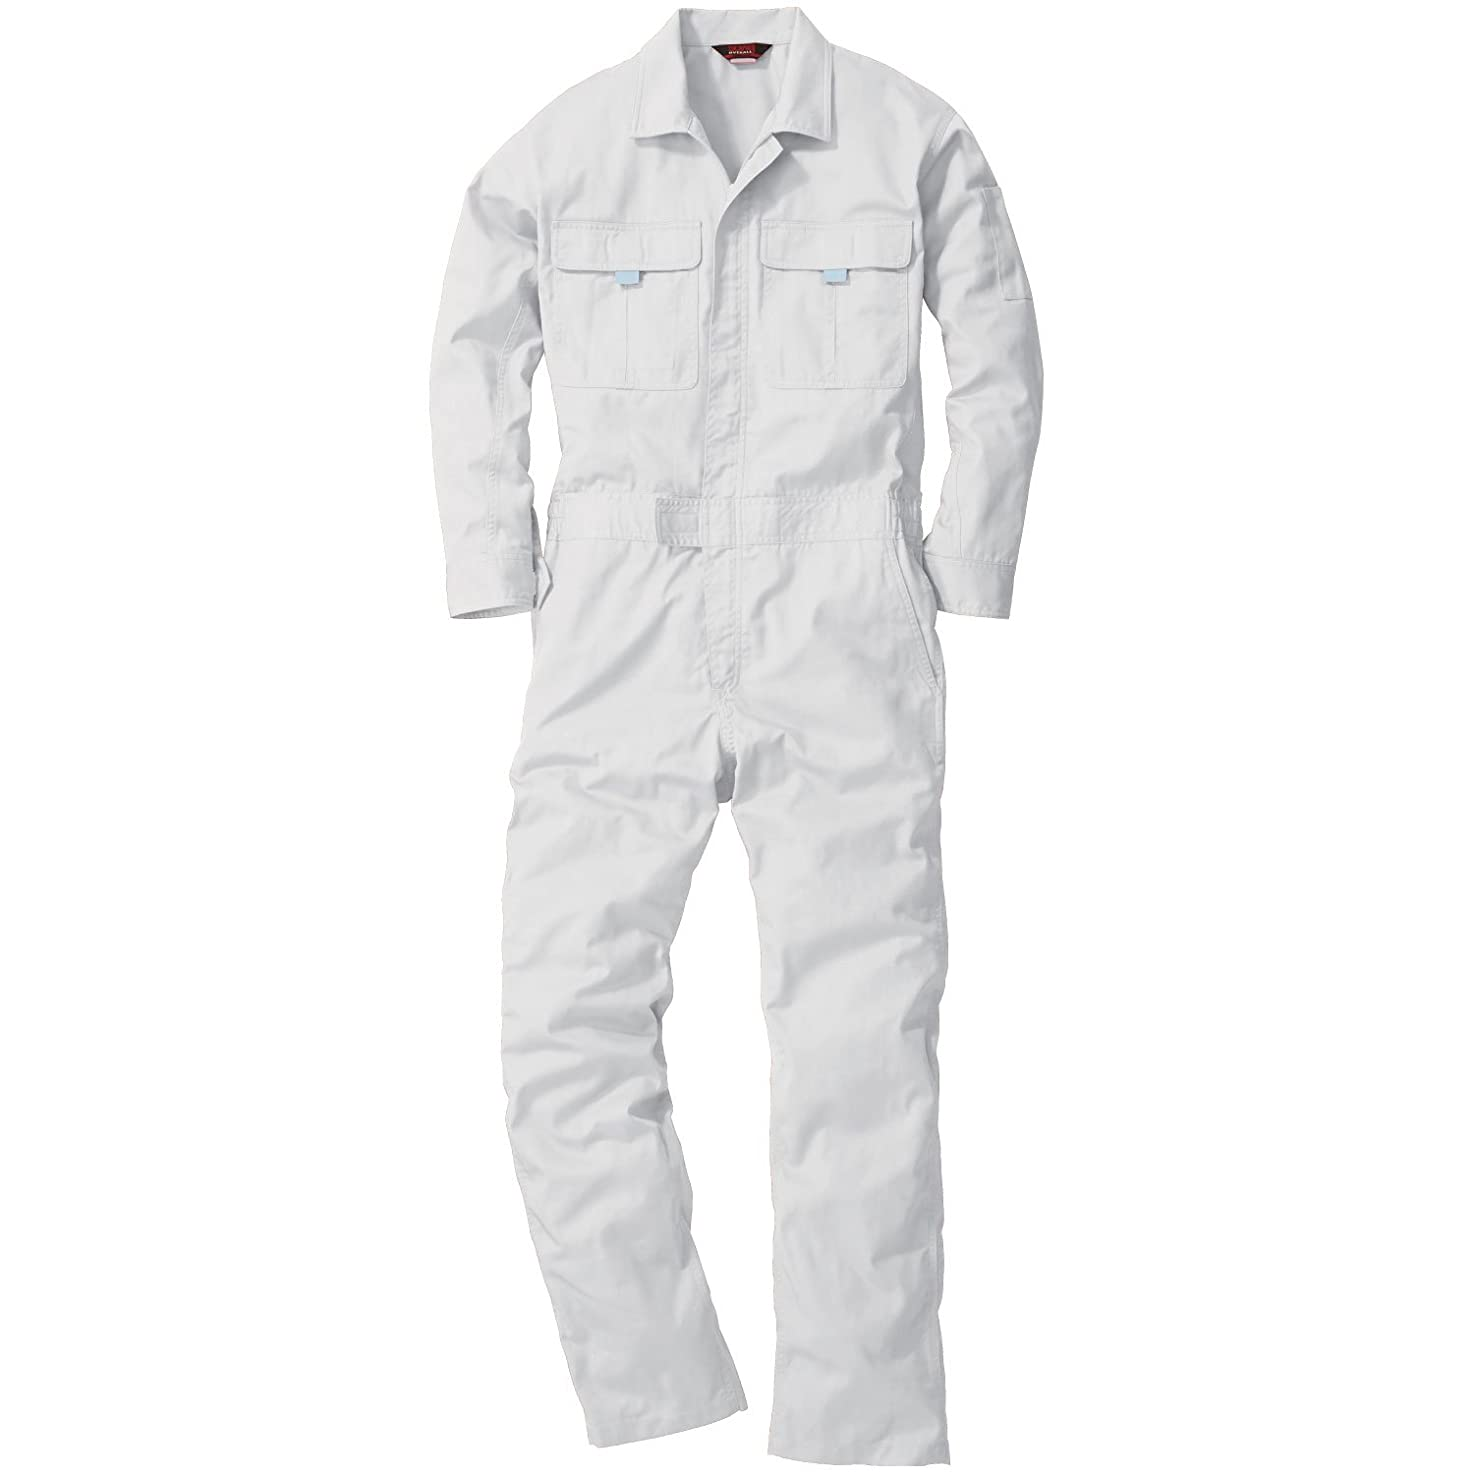 可聴ホイスト散歩SOWA(ソーワ) 続服 ホワイト LLサイズ 9300